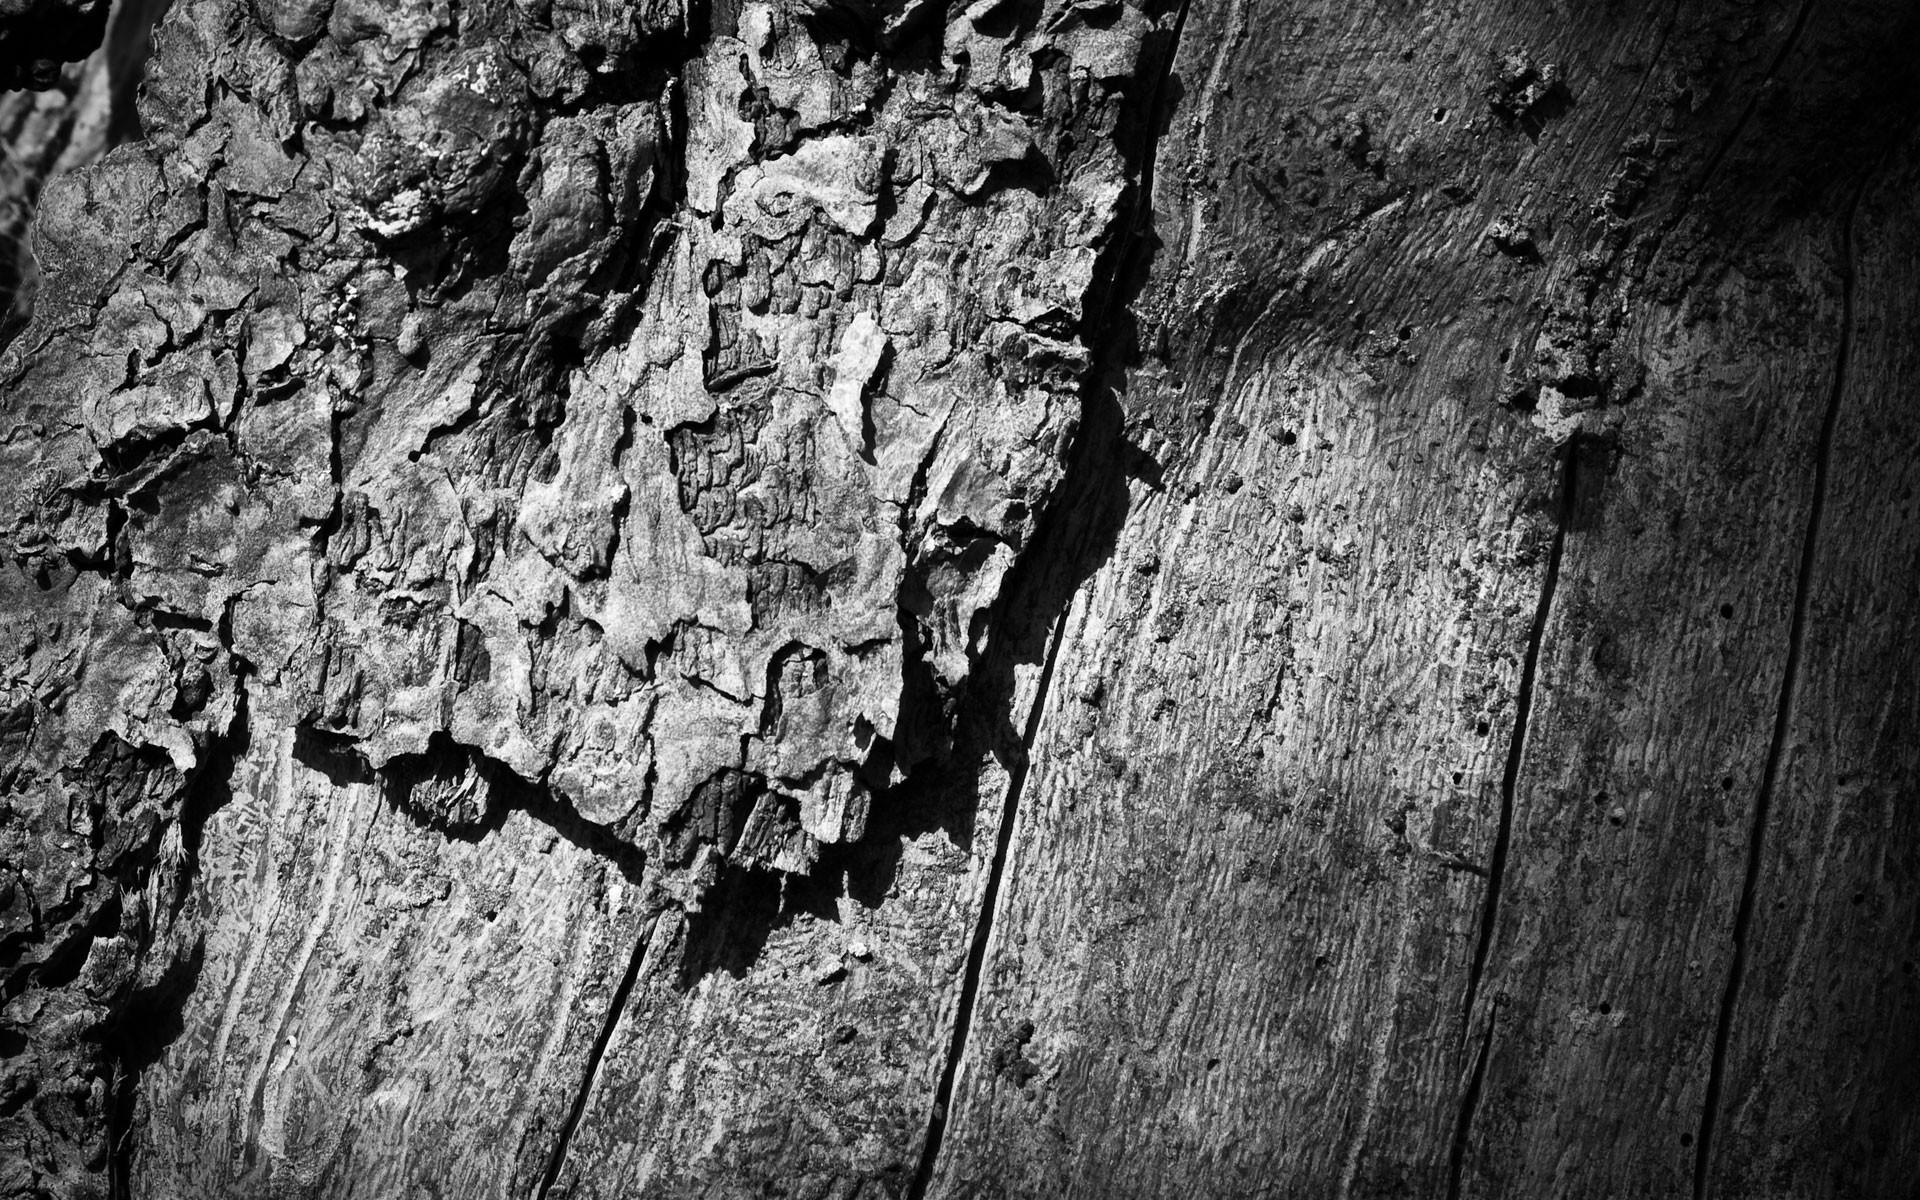 Картинки Дерево, дерево, туловище, поверхность, черный белый фото и обои на рабочий стол